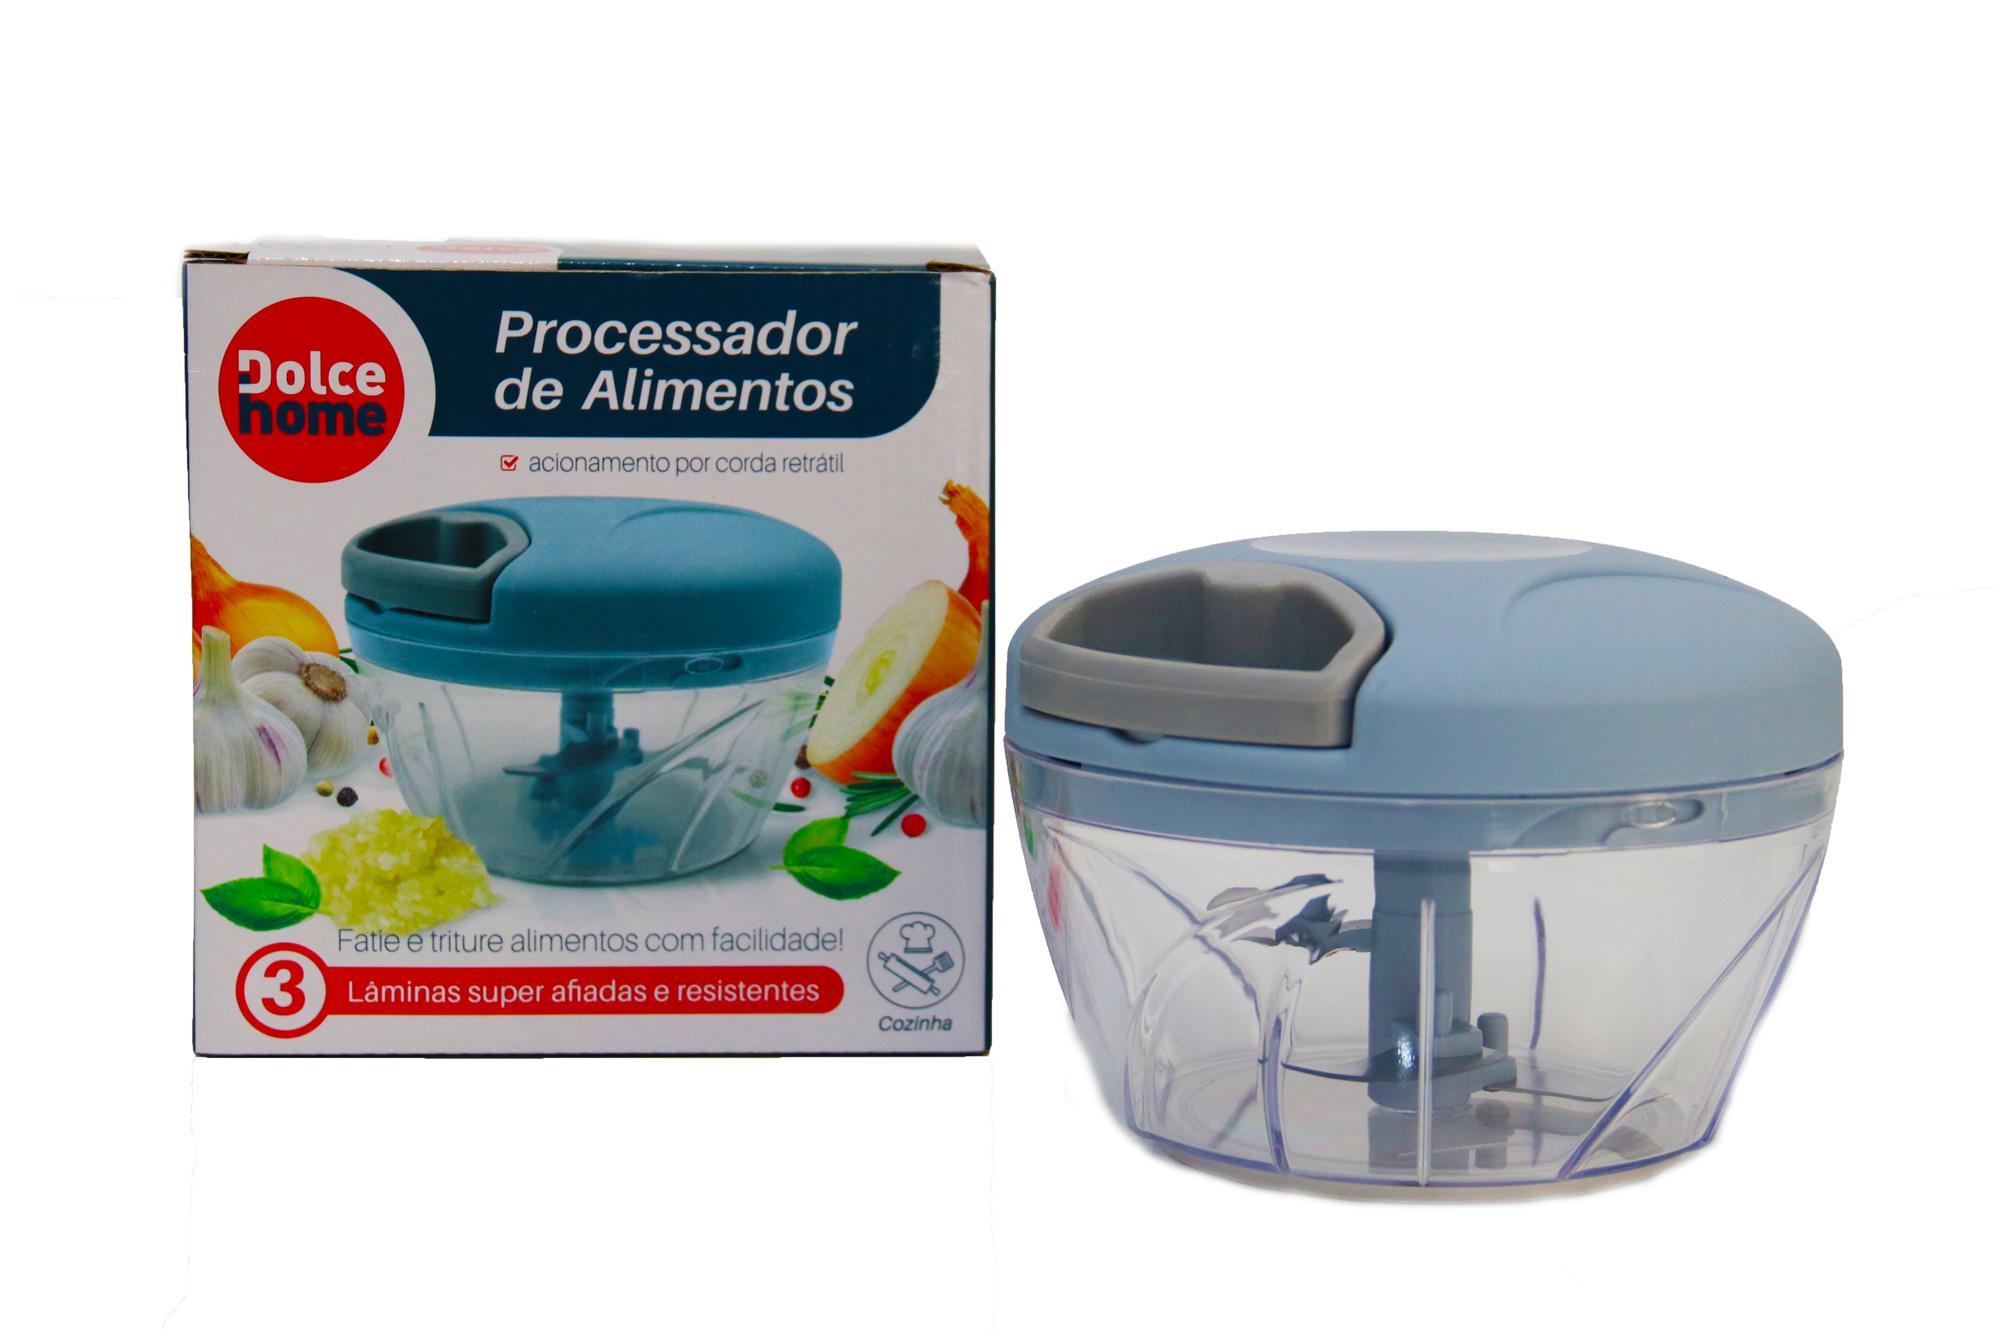 Processador de Alimentos manual 3 lâminas triturar pratico